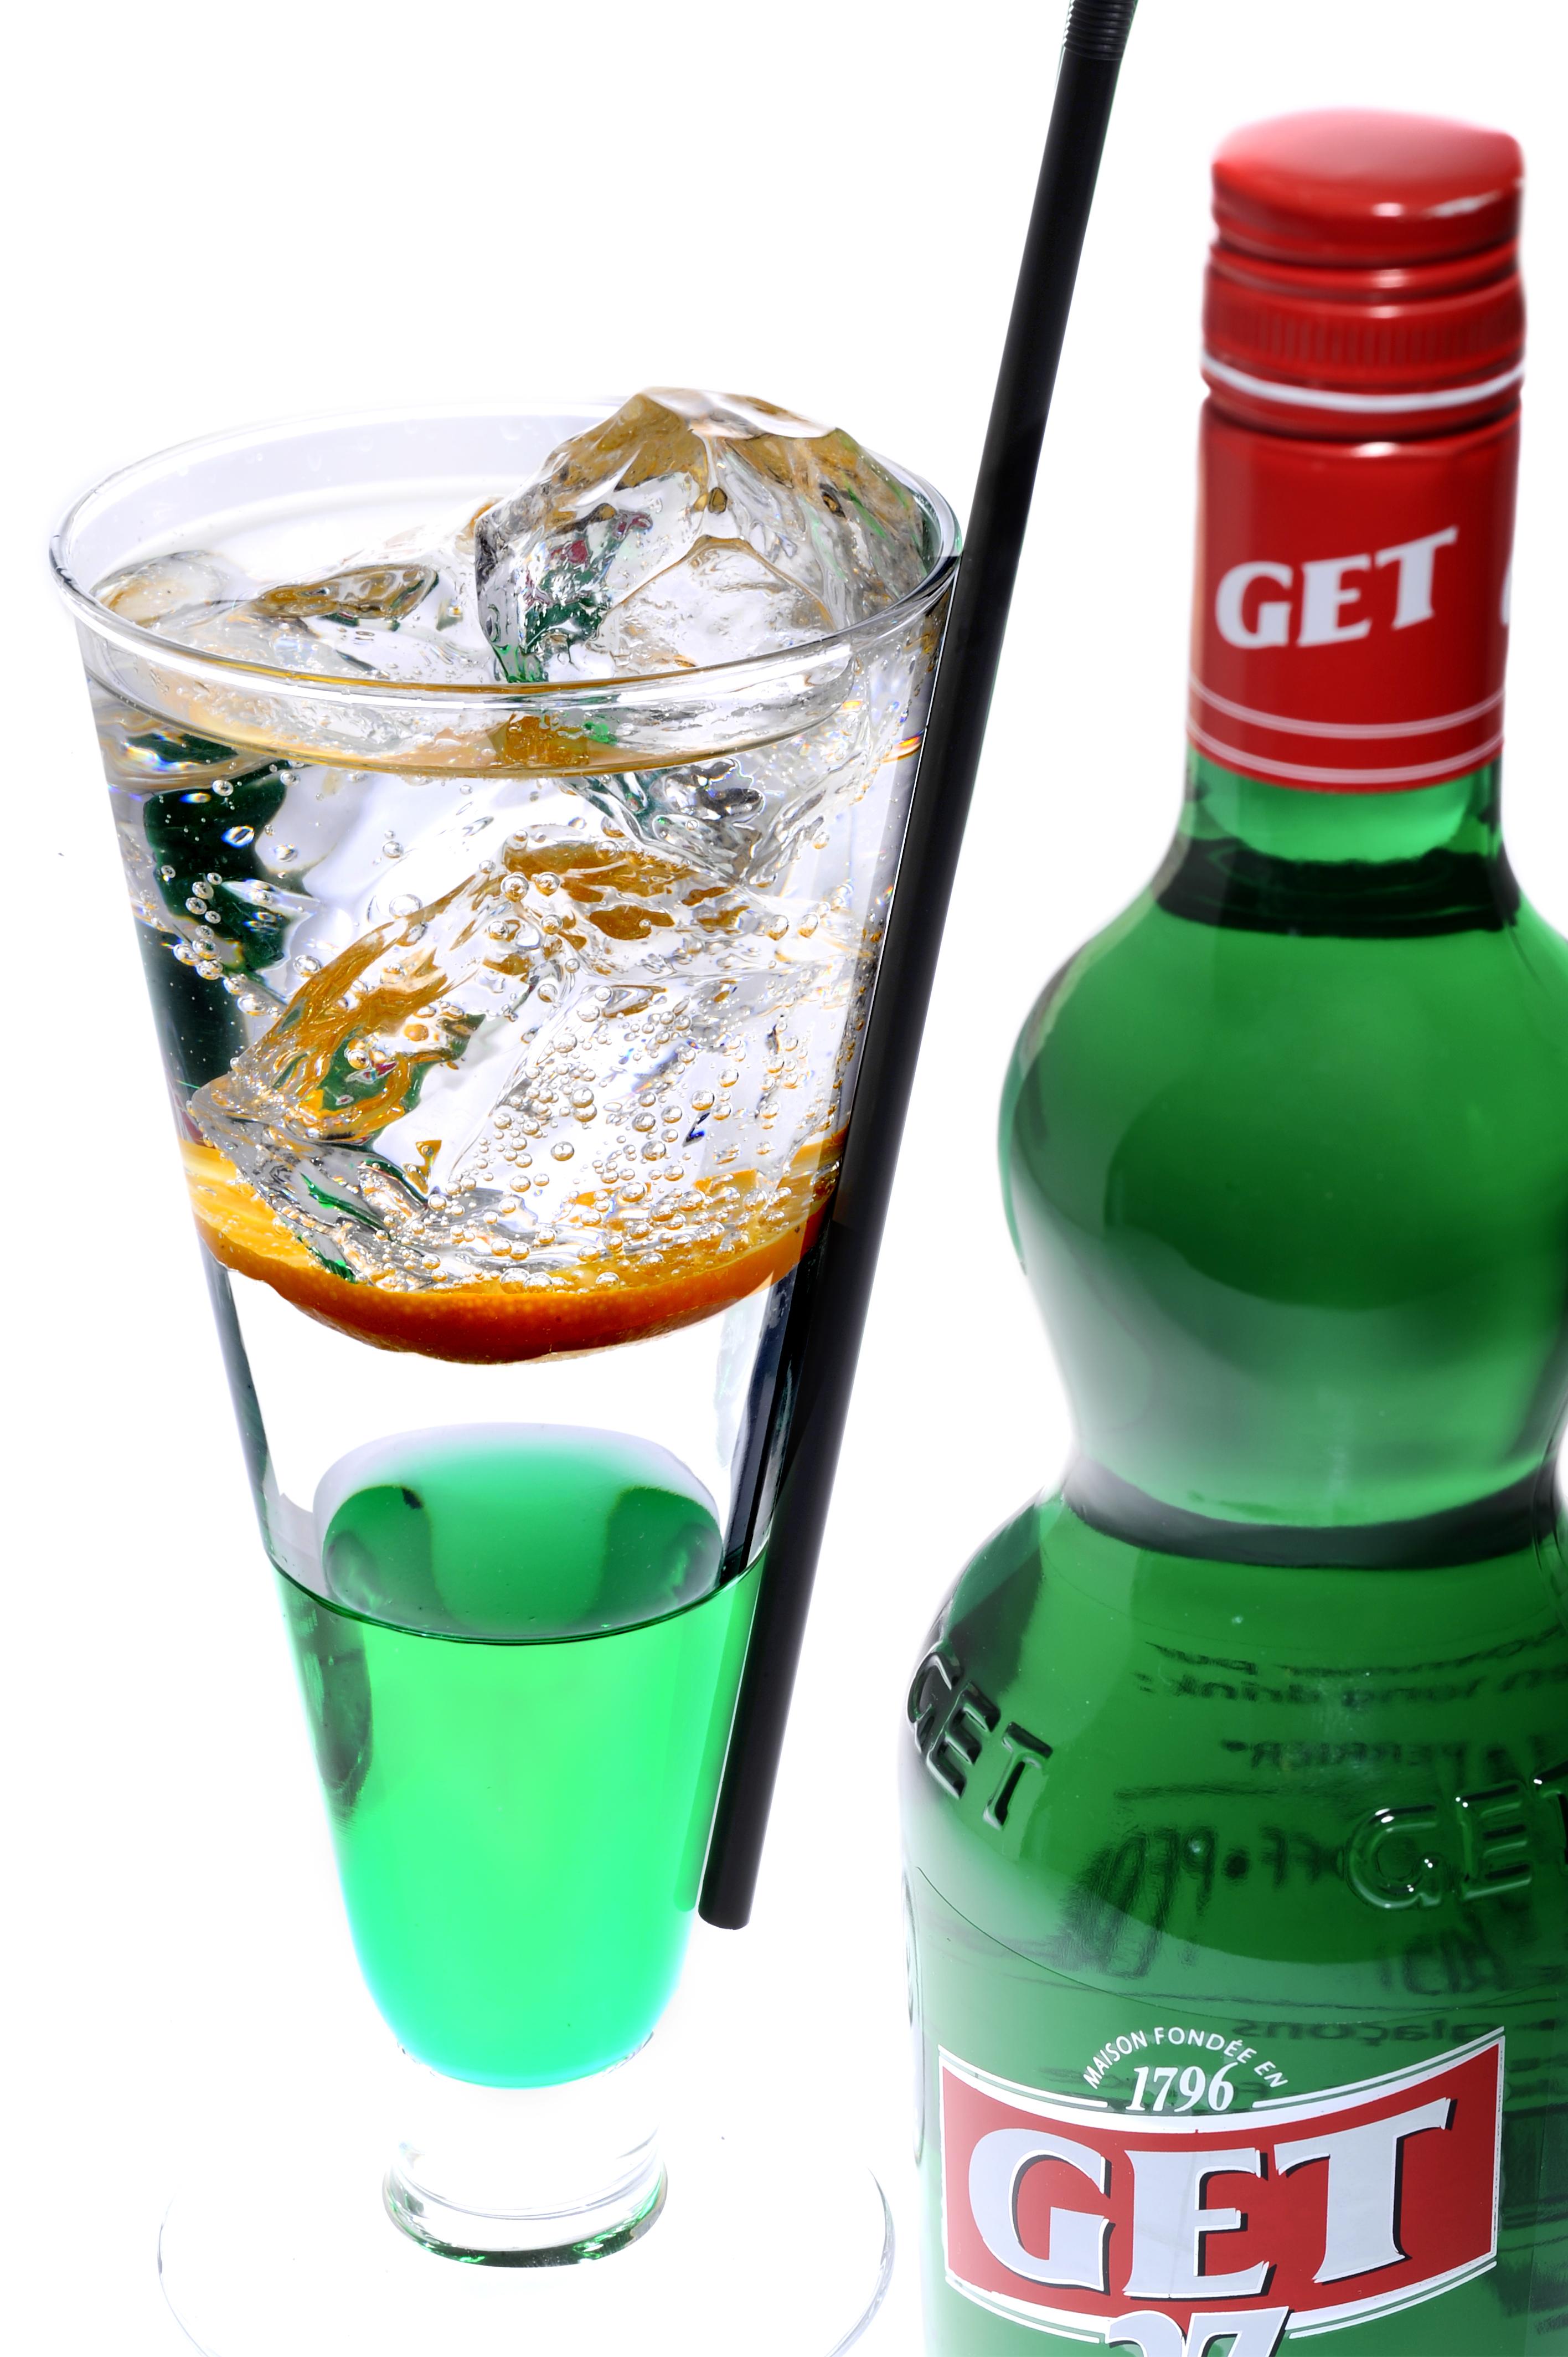 Get 27 une soir e au super march pour des nouveaux for Cocktail get 27